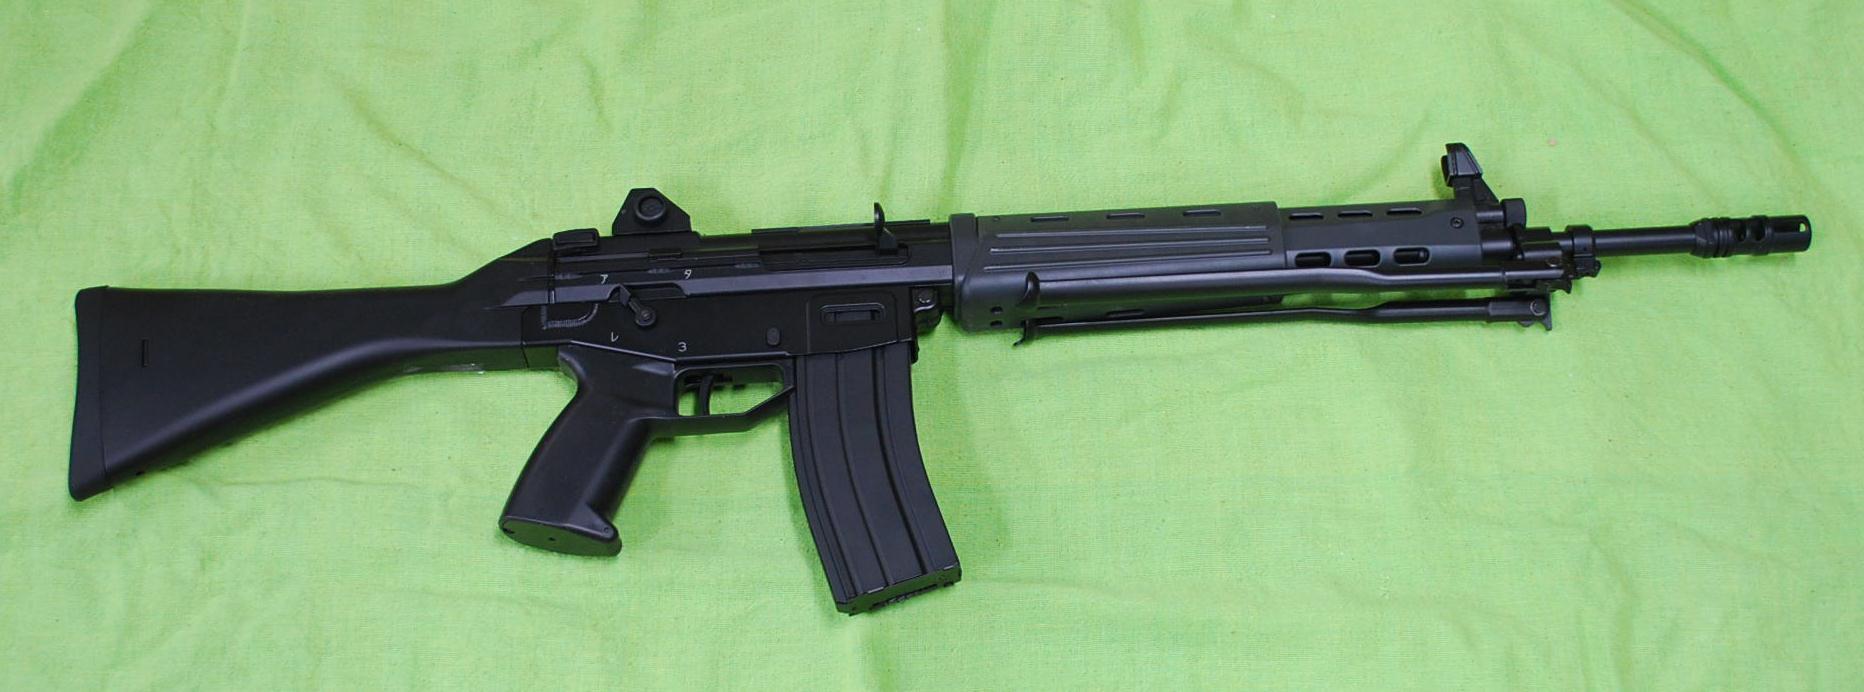 Tercel製 89式5.56mm小銃